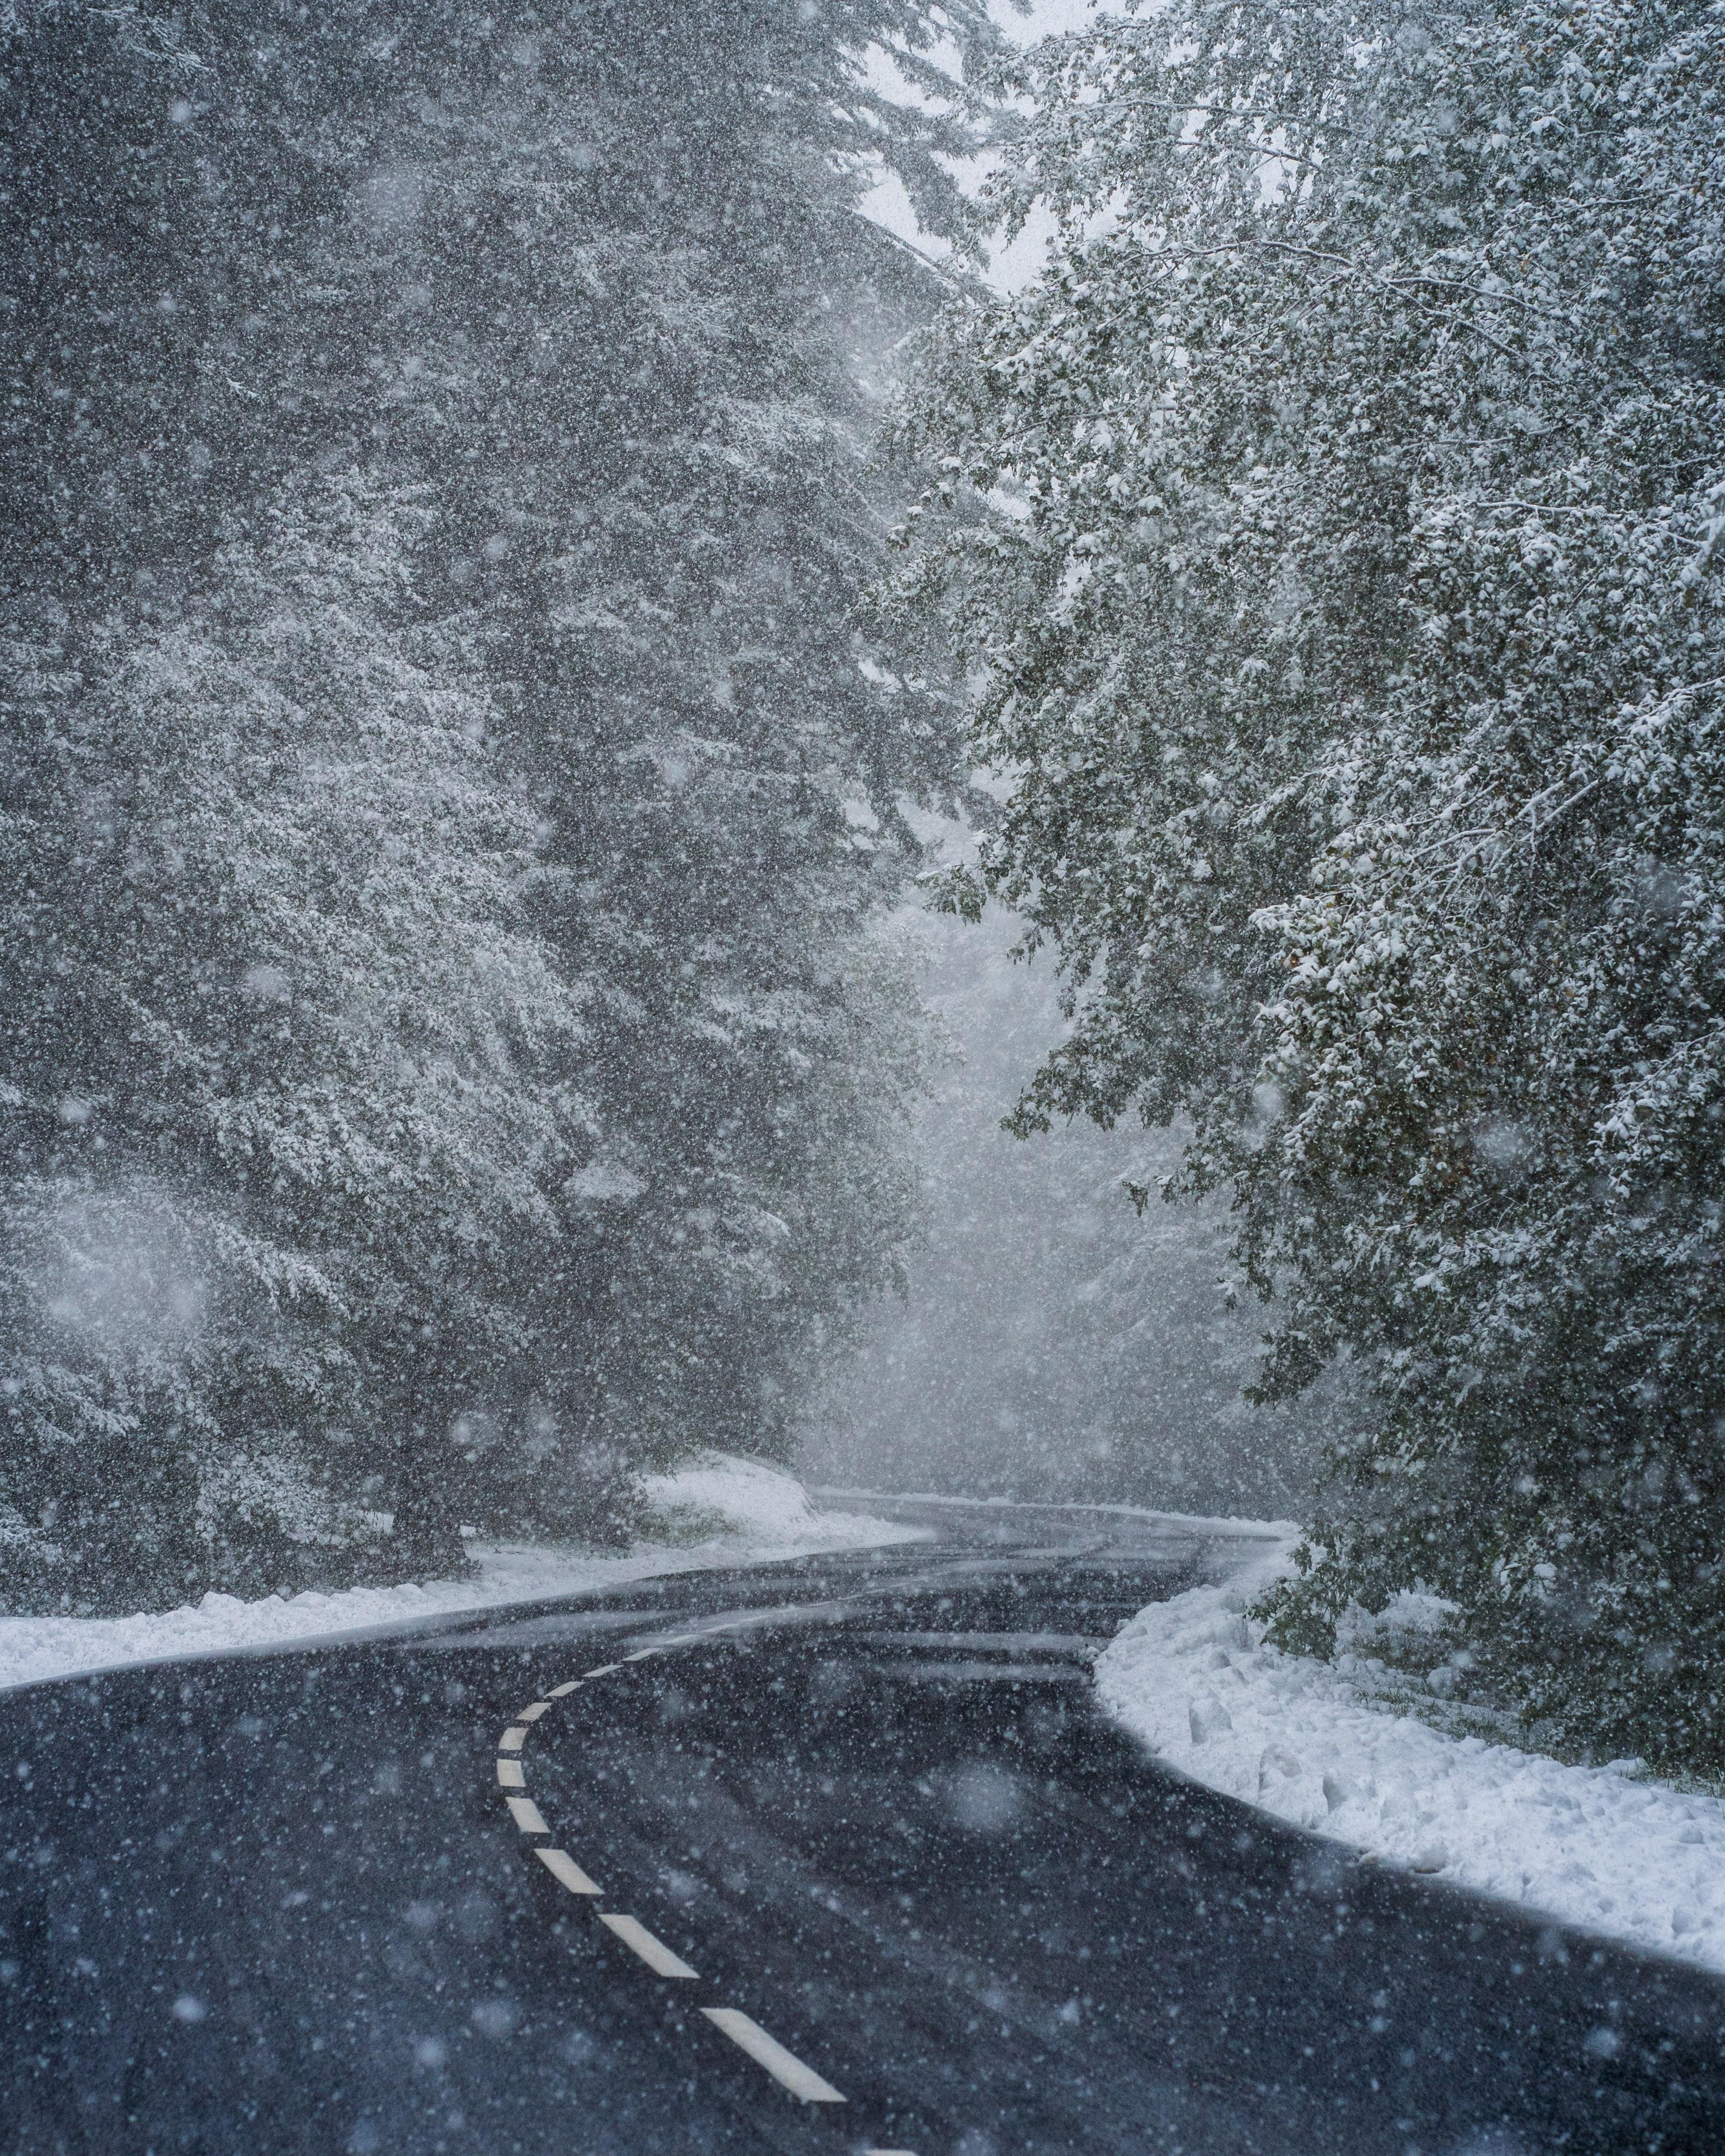 93277 скачать обои Снег, Зима, Природа, Деревья, Дорога, Поворот, Метель - заставки и картинки бесплатно